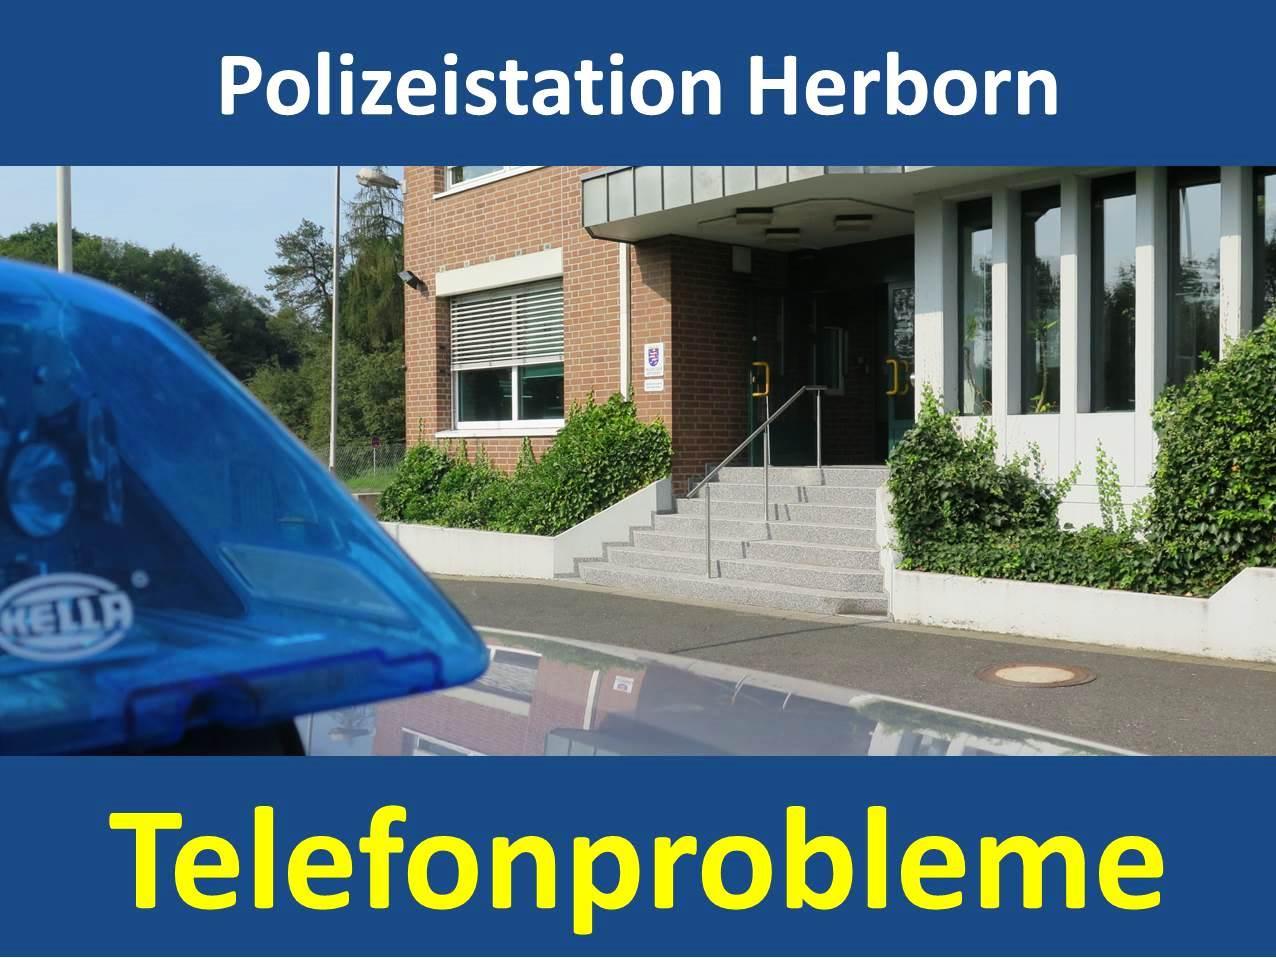 Polizeistation Herborn